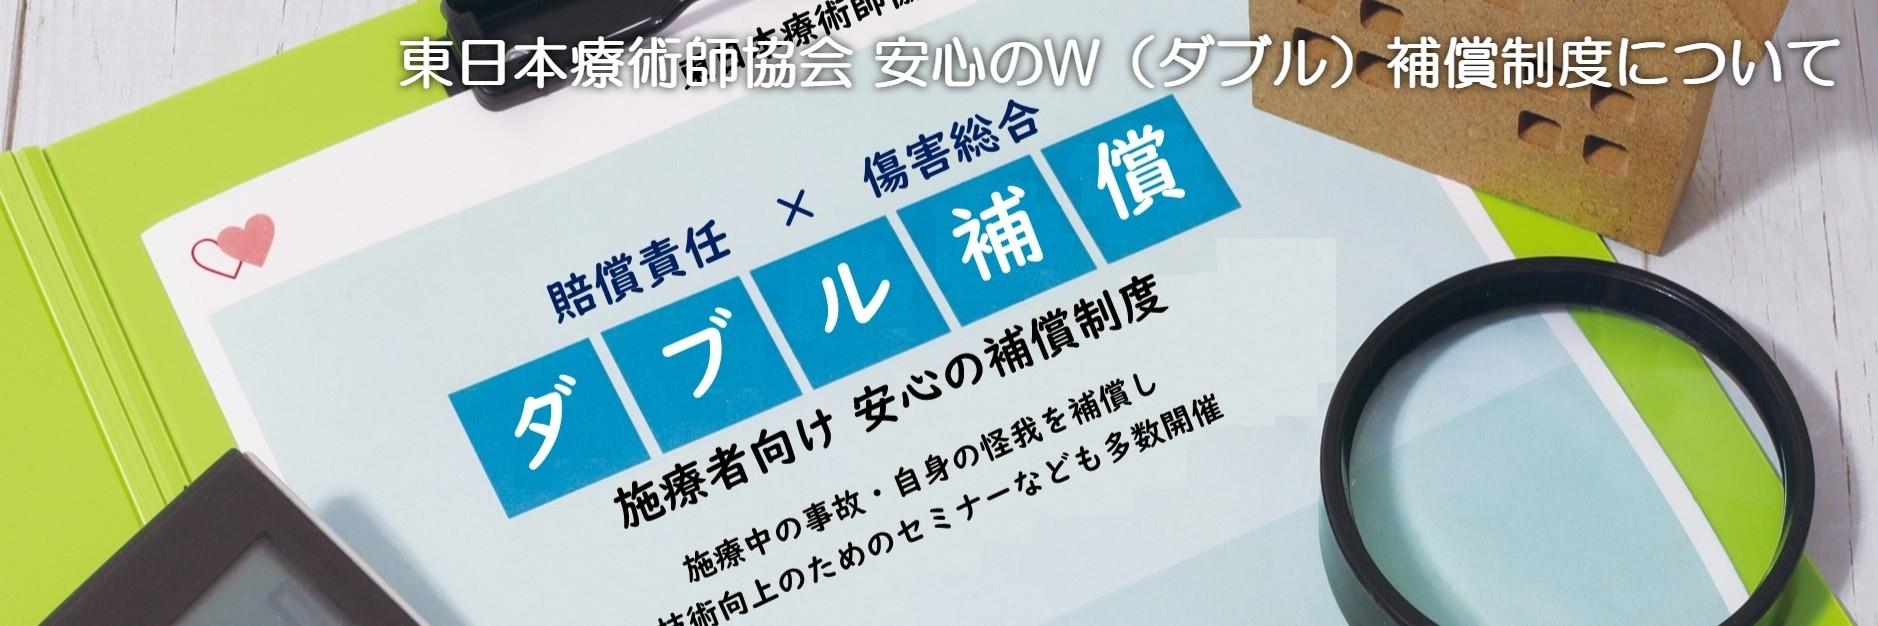 東日本療術師協会 安心のW(ダブル)補償制度について